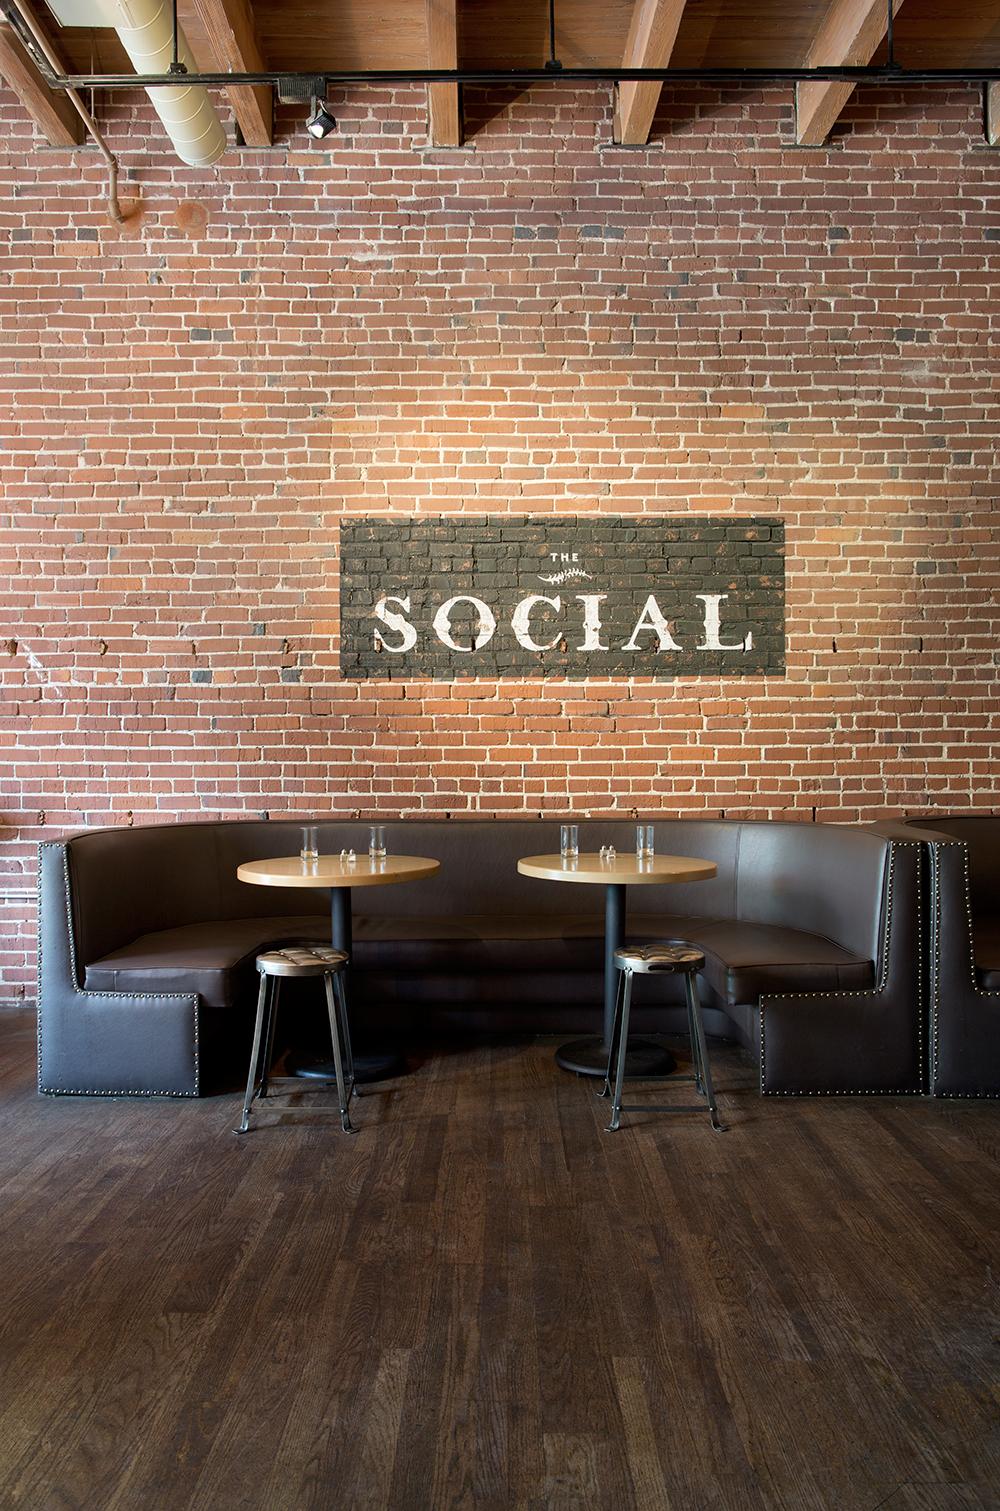 Warehouse_Row_The_Social_MG_5508.jpg